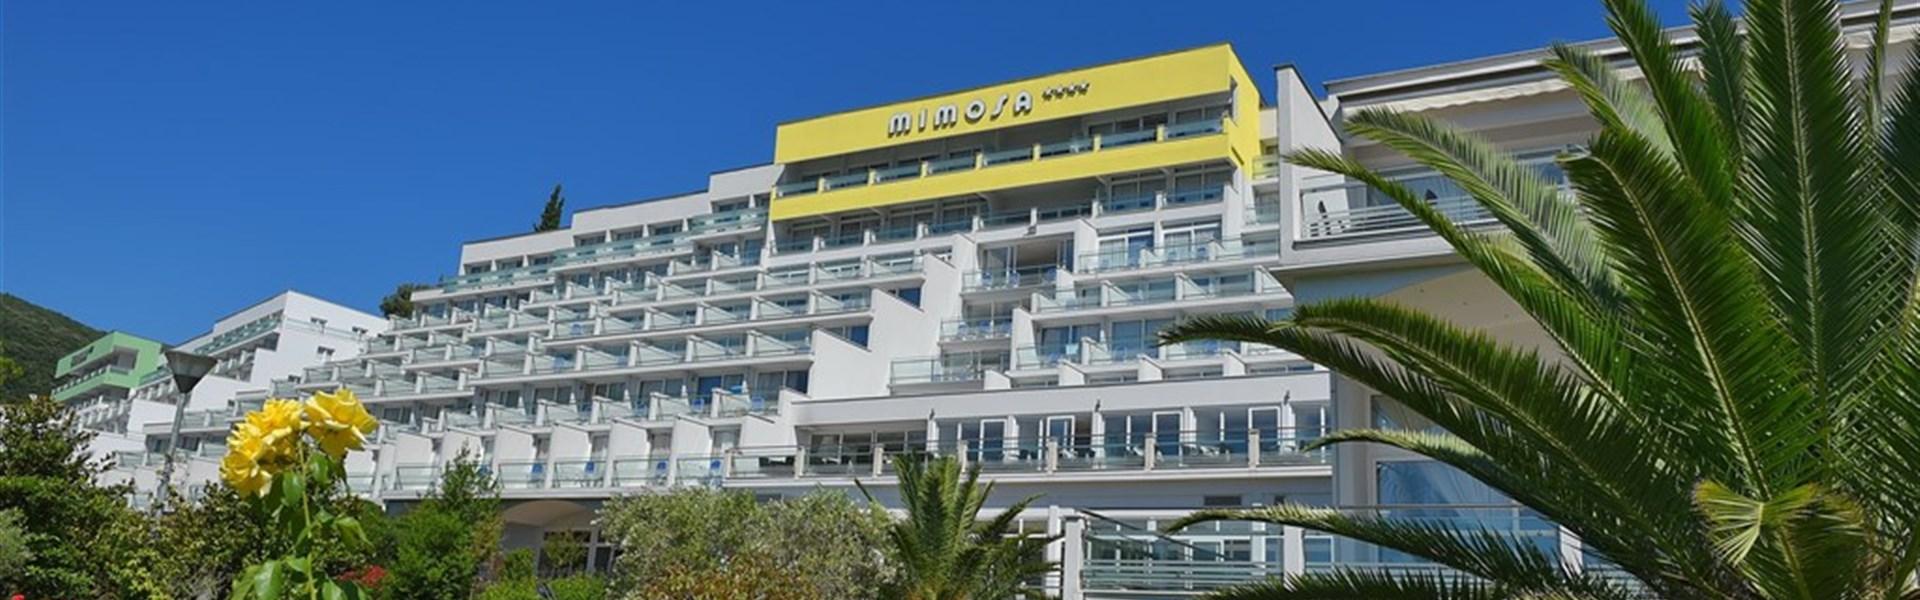 Hotel Mimosa/Lido Palace -